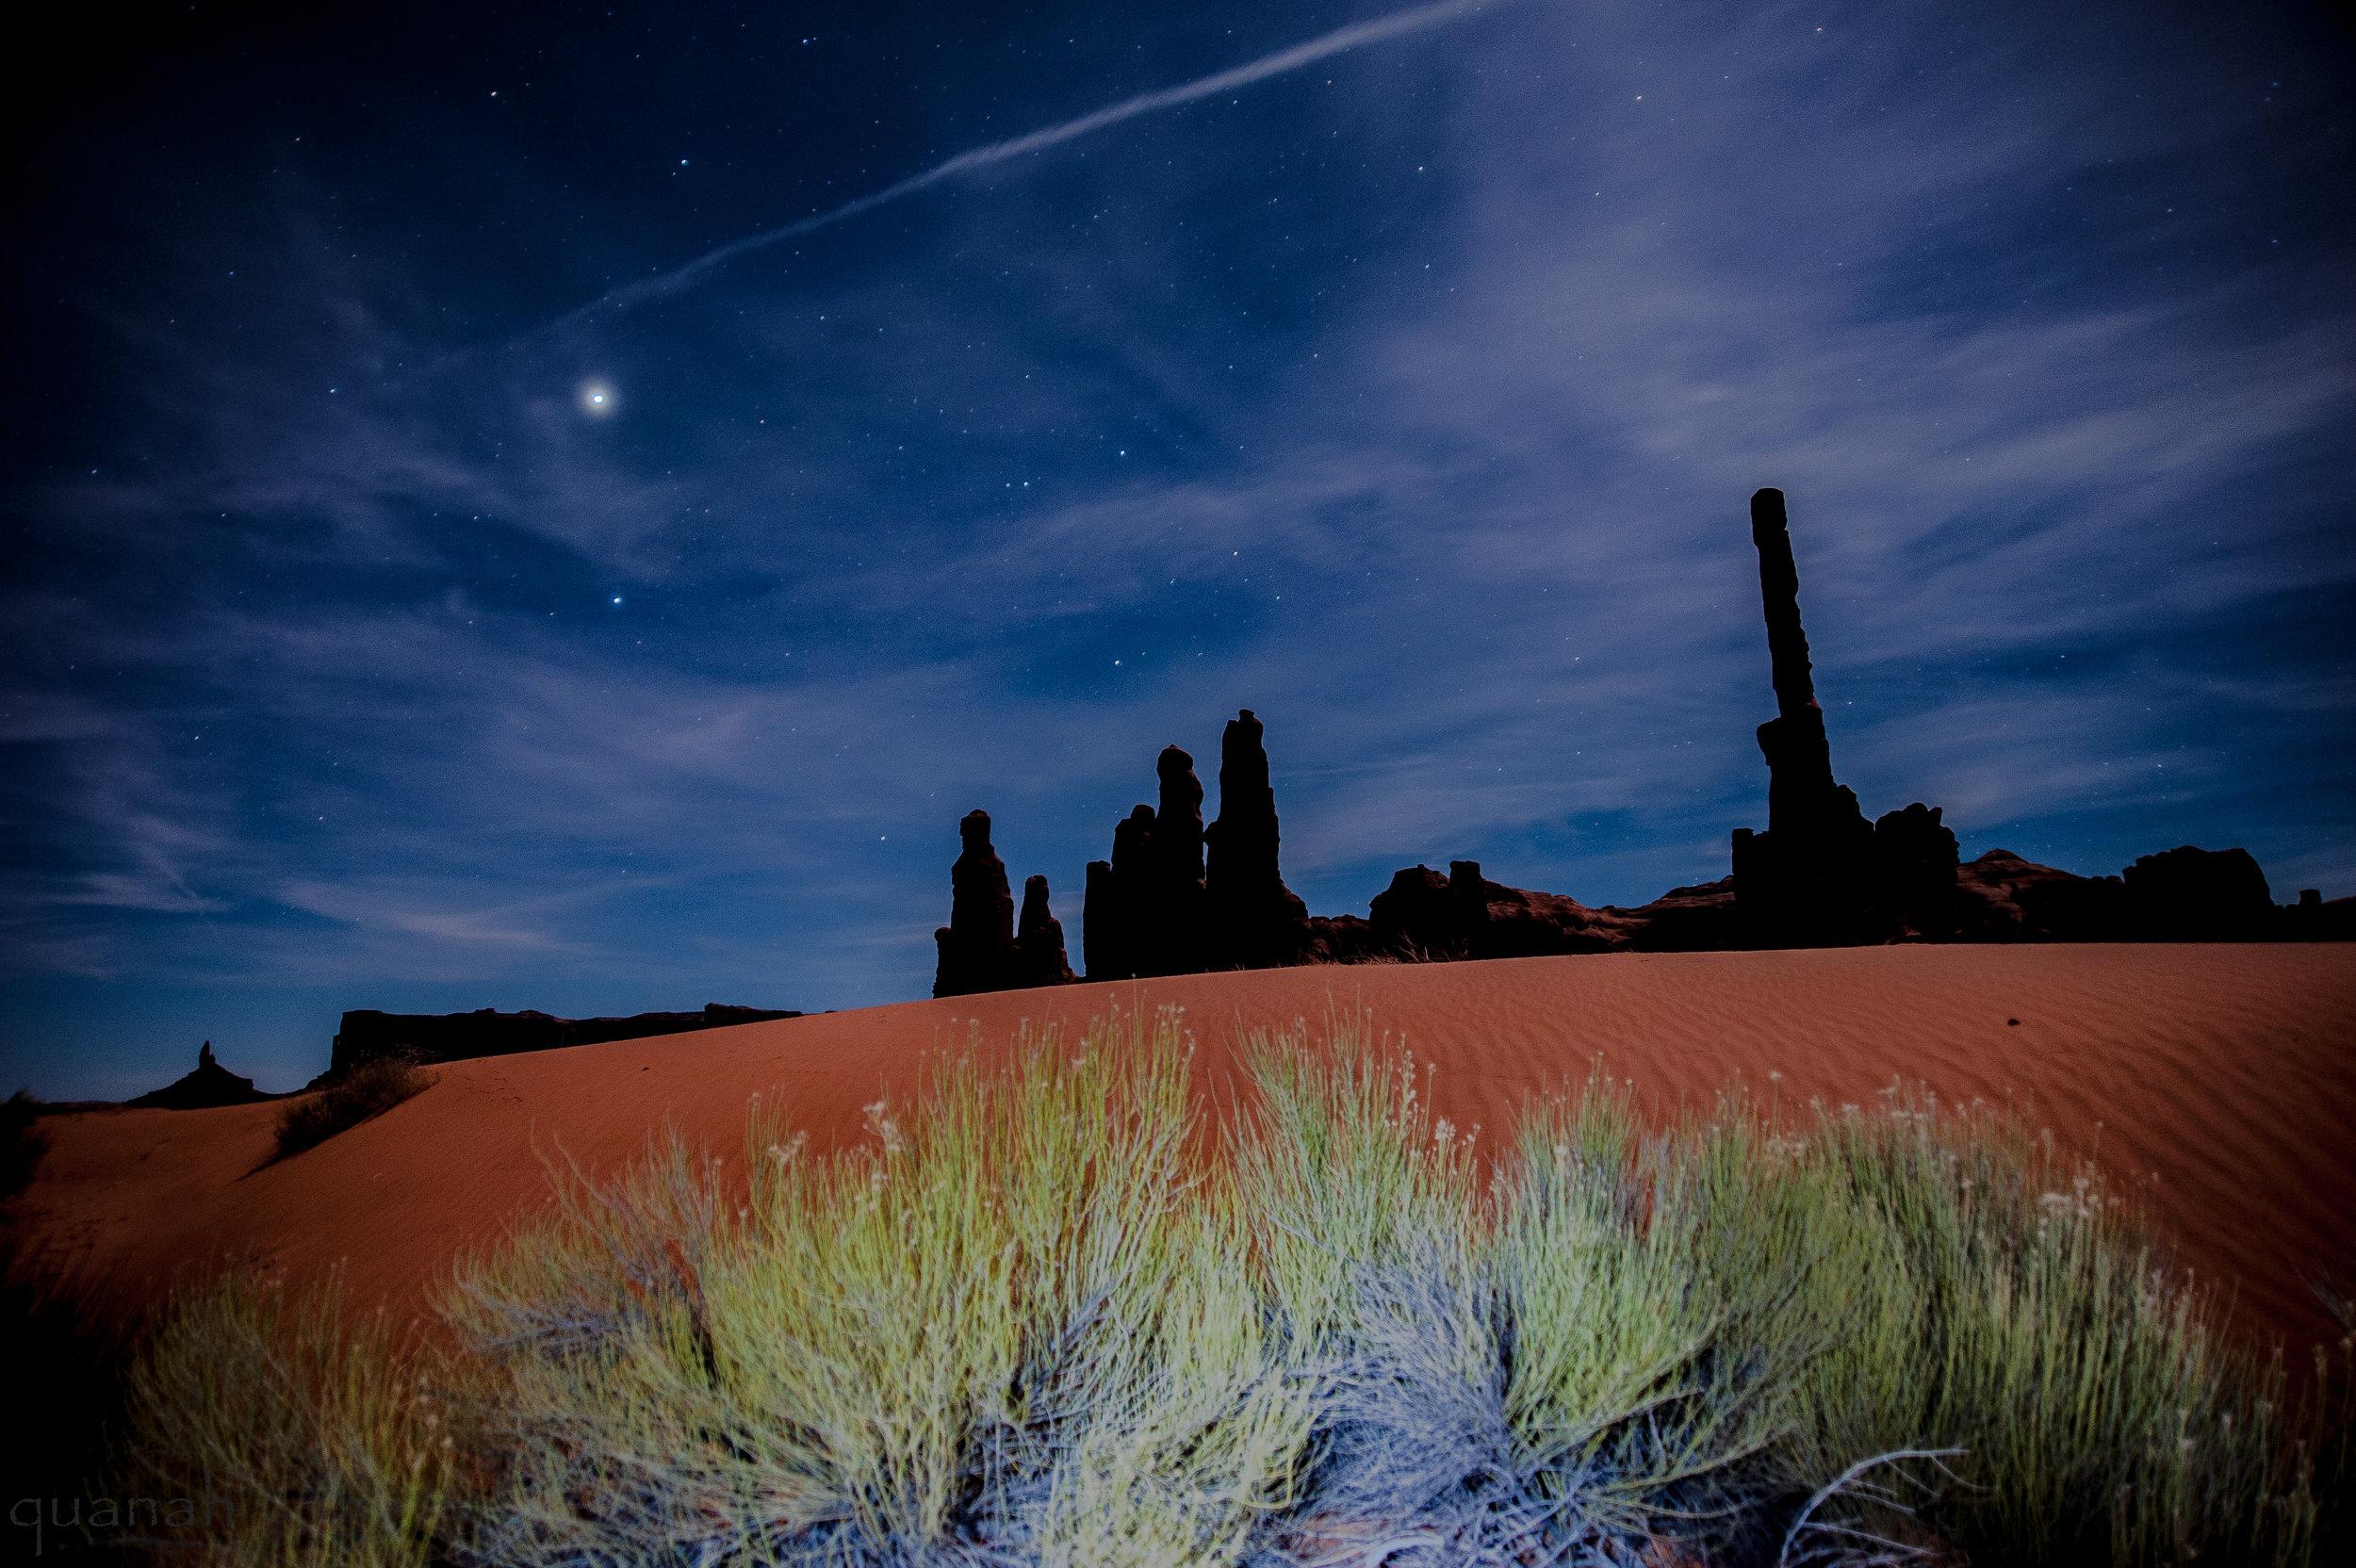 Sand, Totem, Yei's & Night Sky